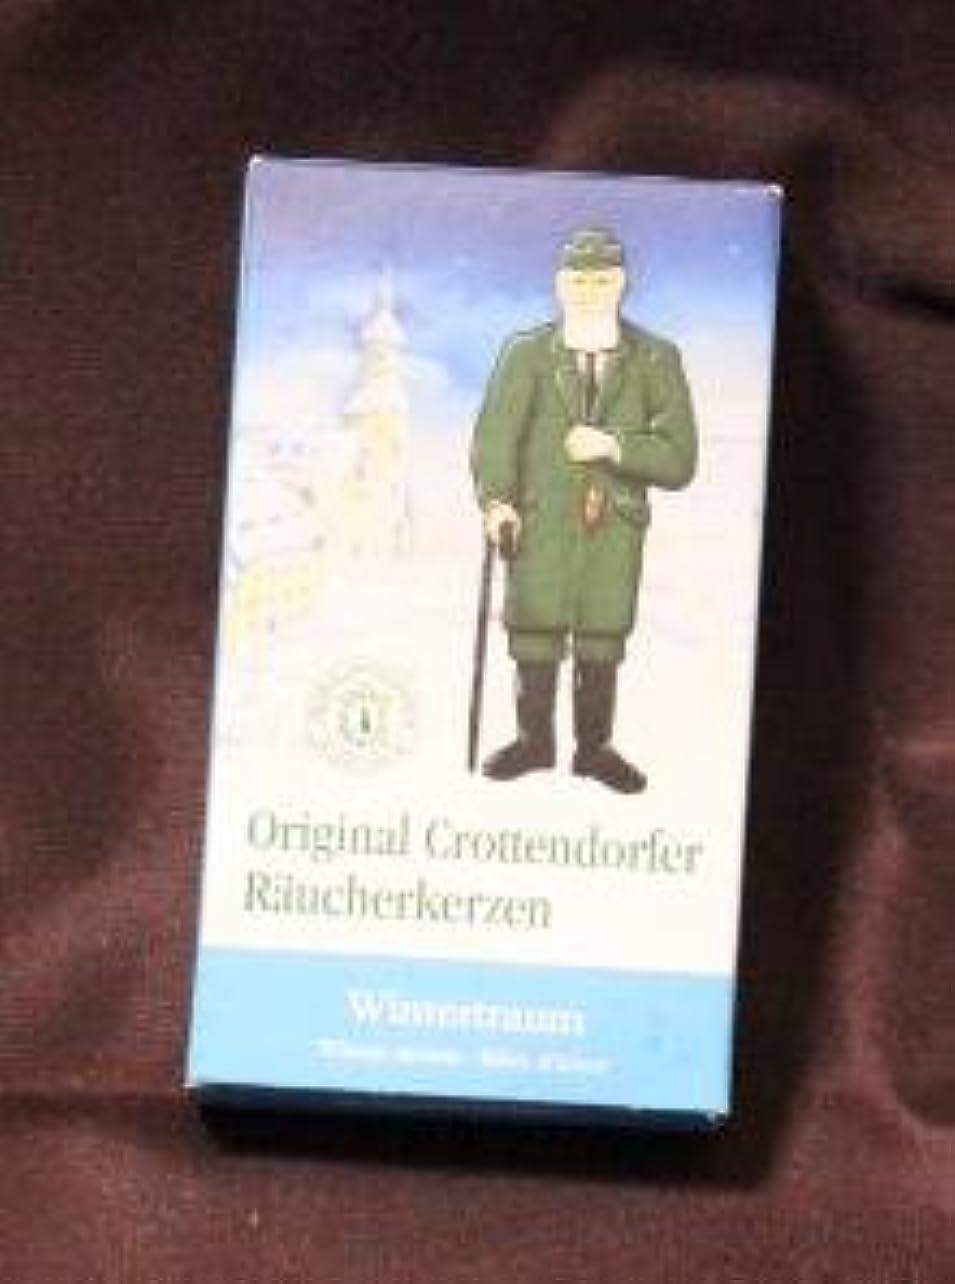 自分のために解任ブラザードイツの手作りクロッテンドーファお香?冬の夢 日本国内送料:無料 [並行輸入品]